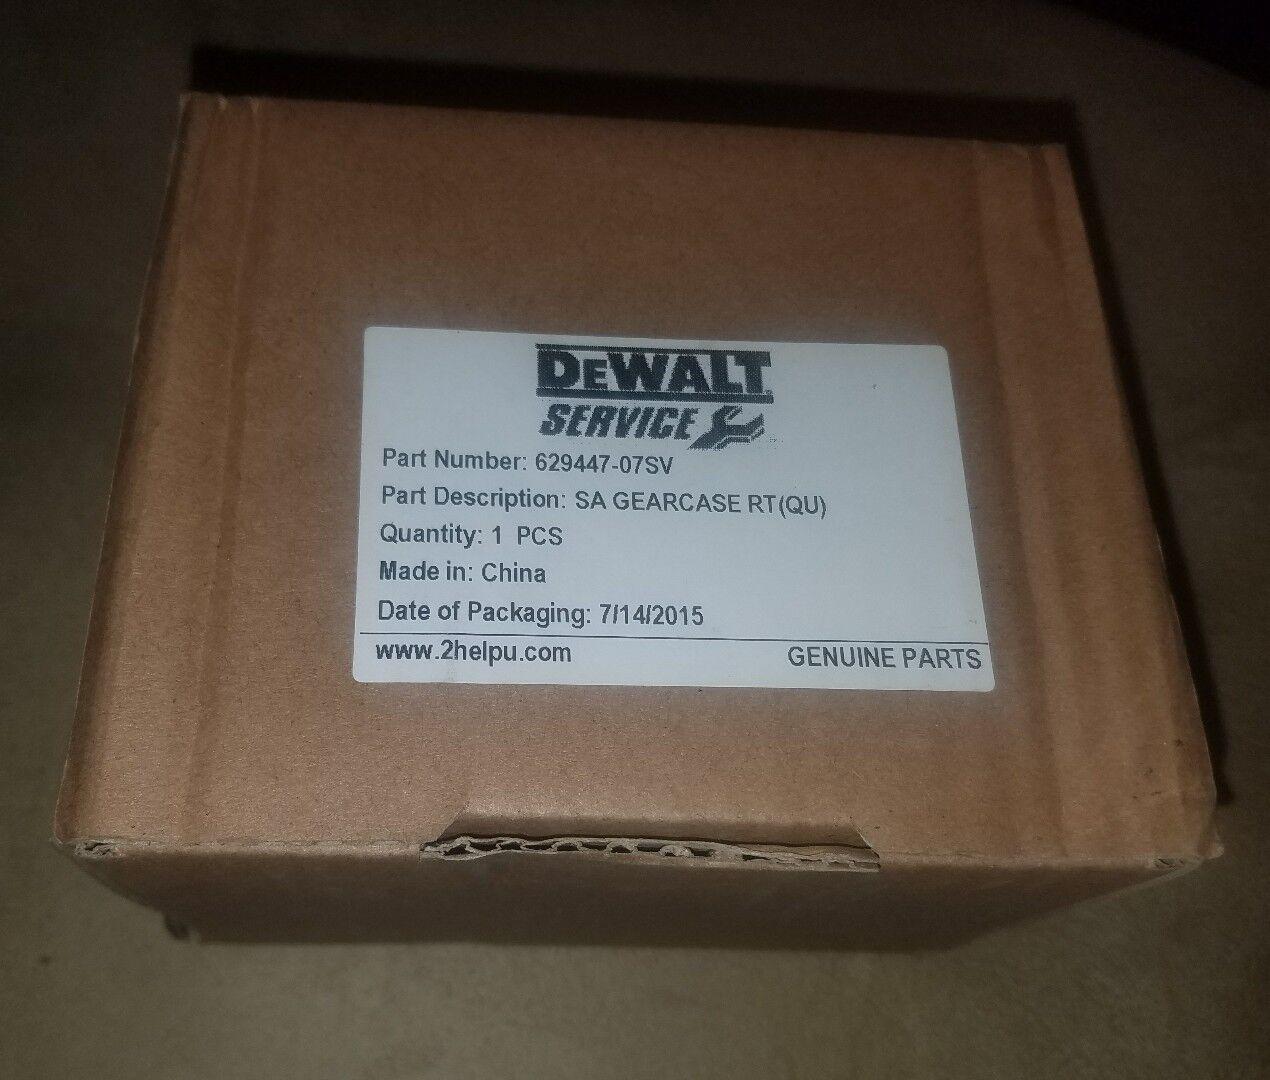 DEWALT 629447-07SV GEARCASE FOR SMALL ANGLE GRINDER